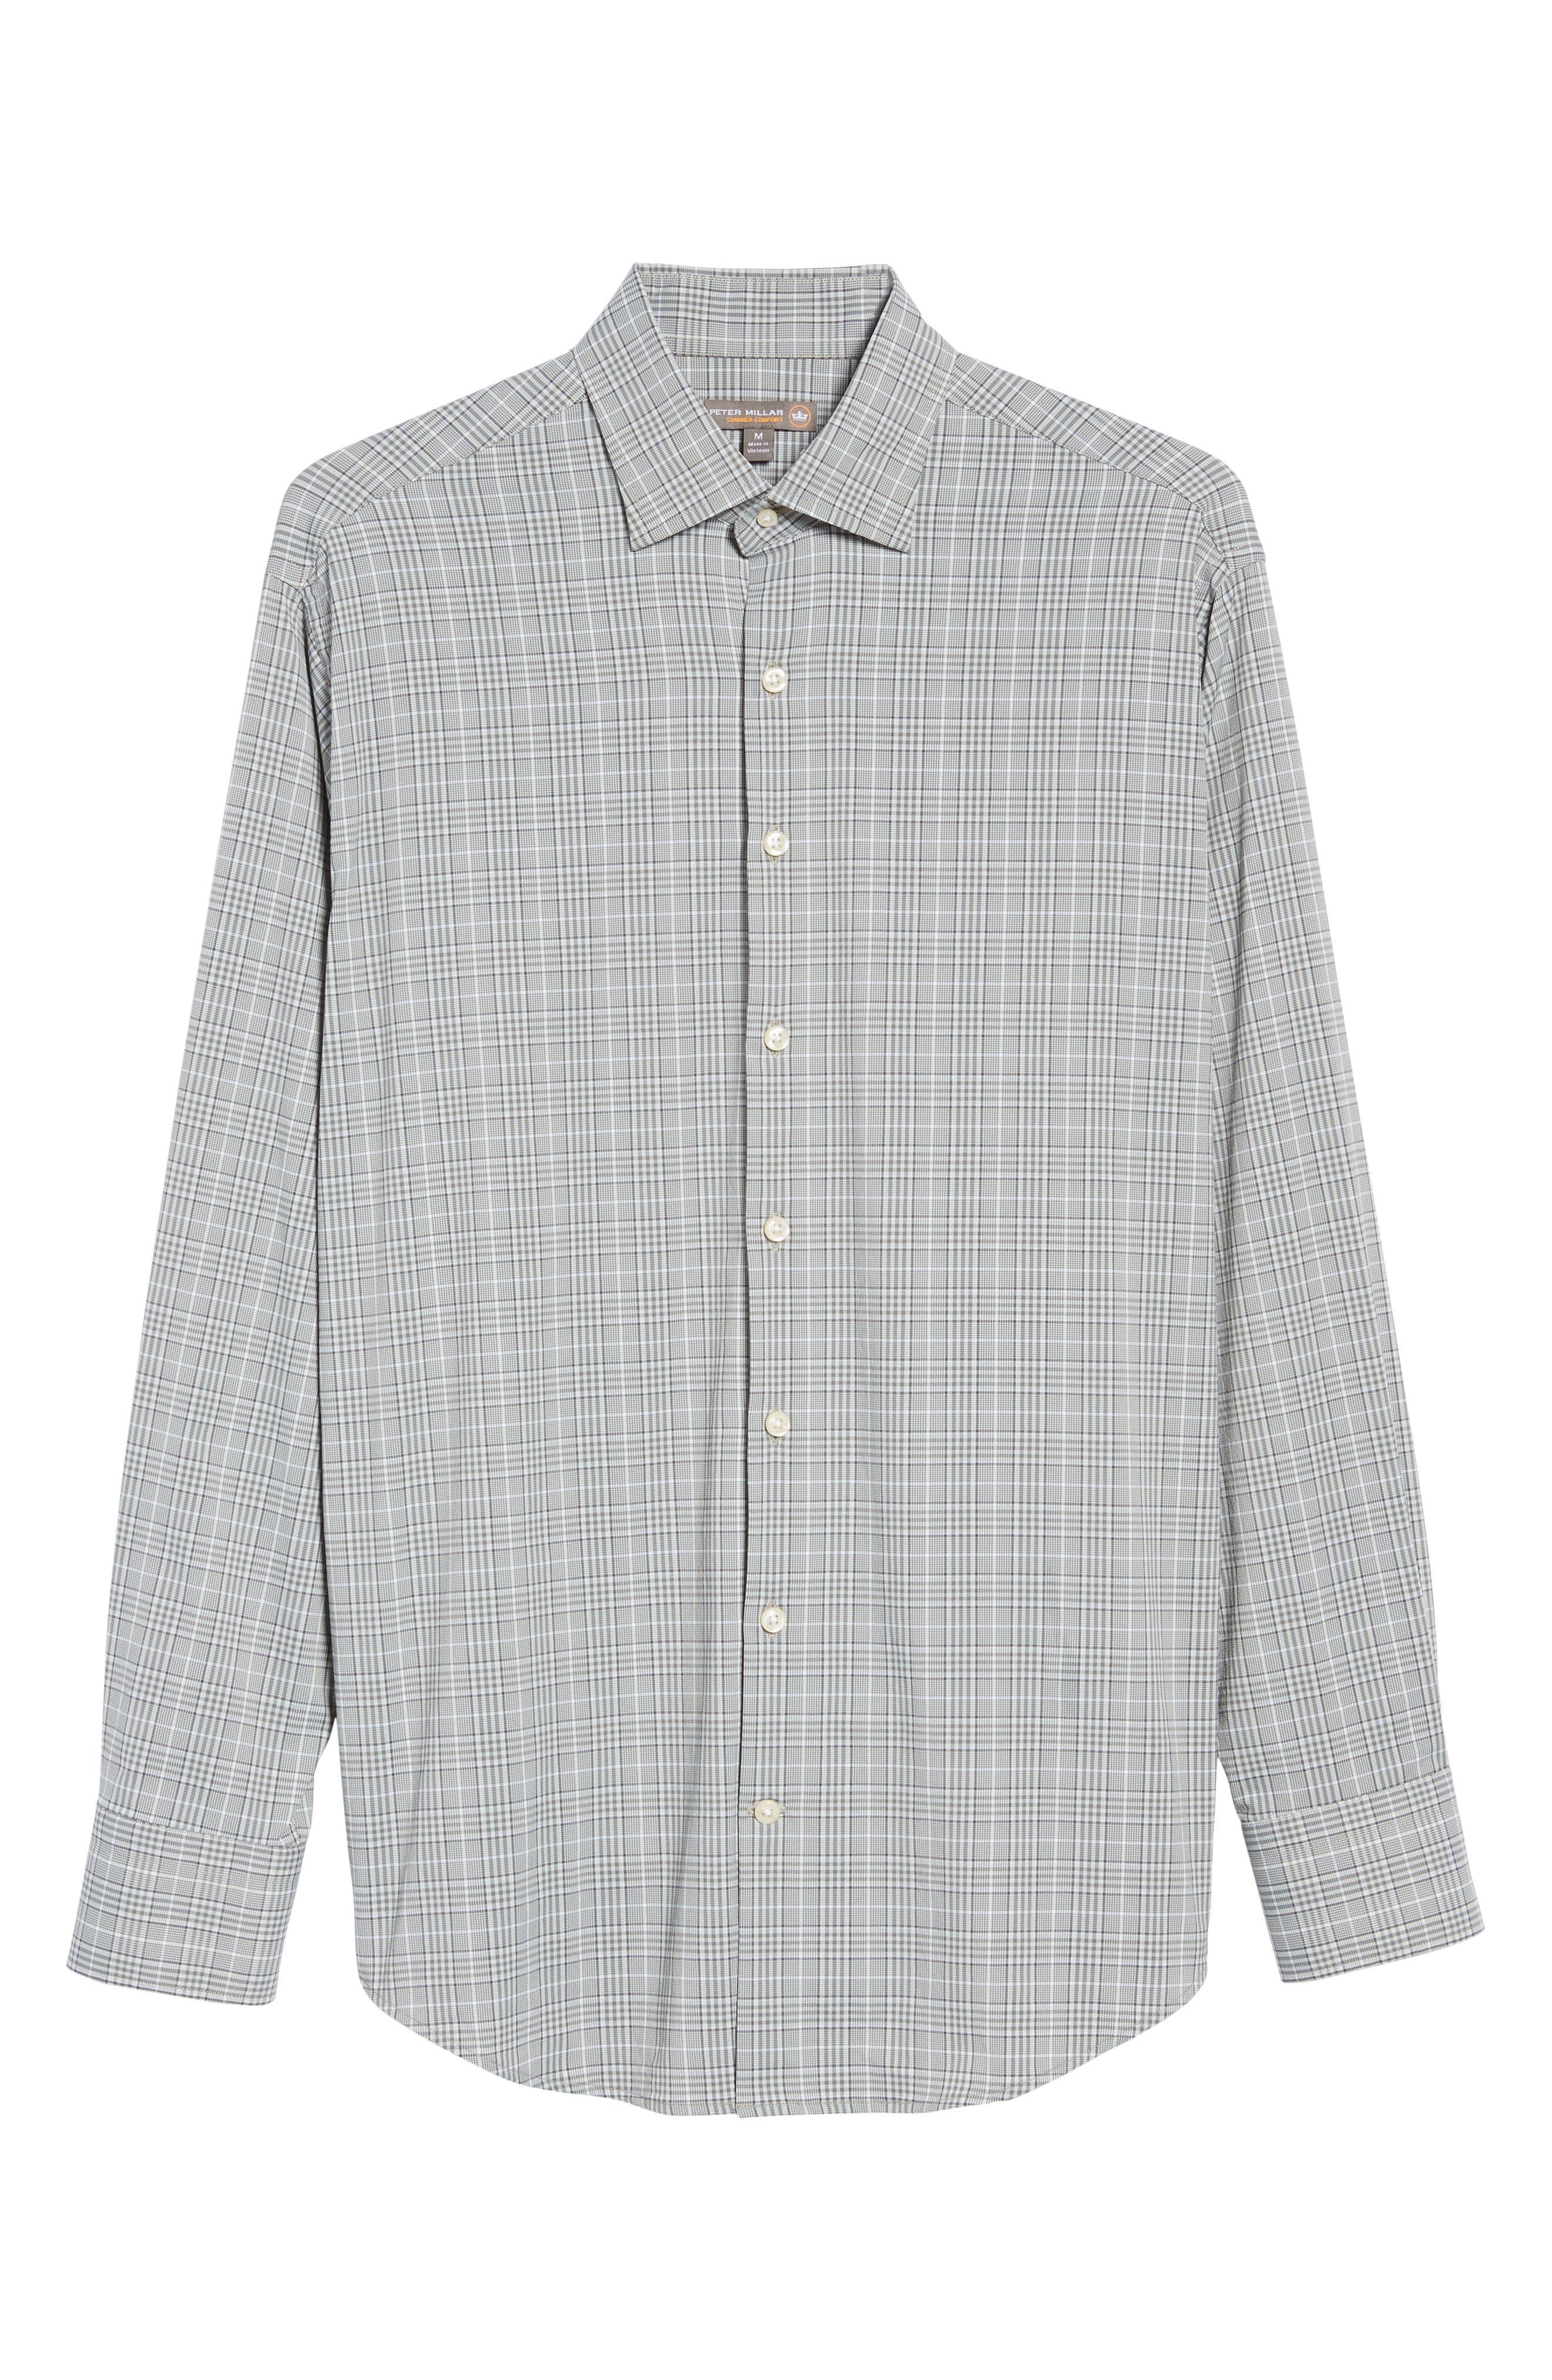 Vedder Gingham Regular Fit Performance Sport Shirt,                             Alternate thumbnail 6, color,                             Smoke